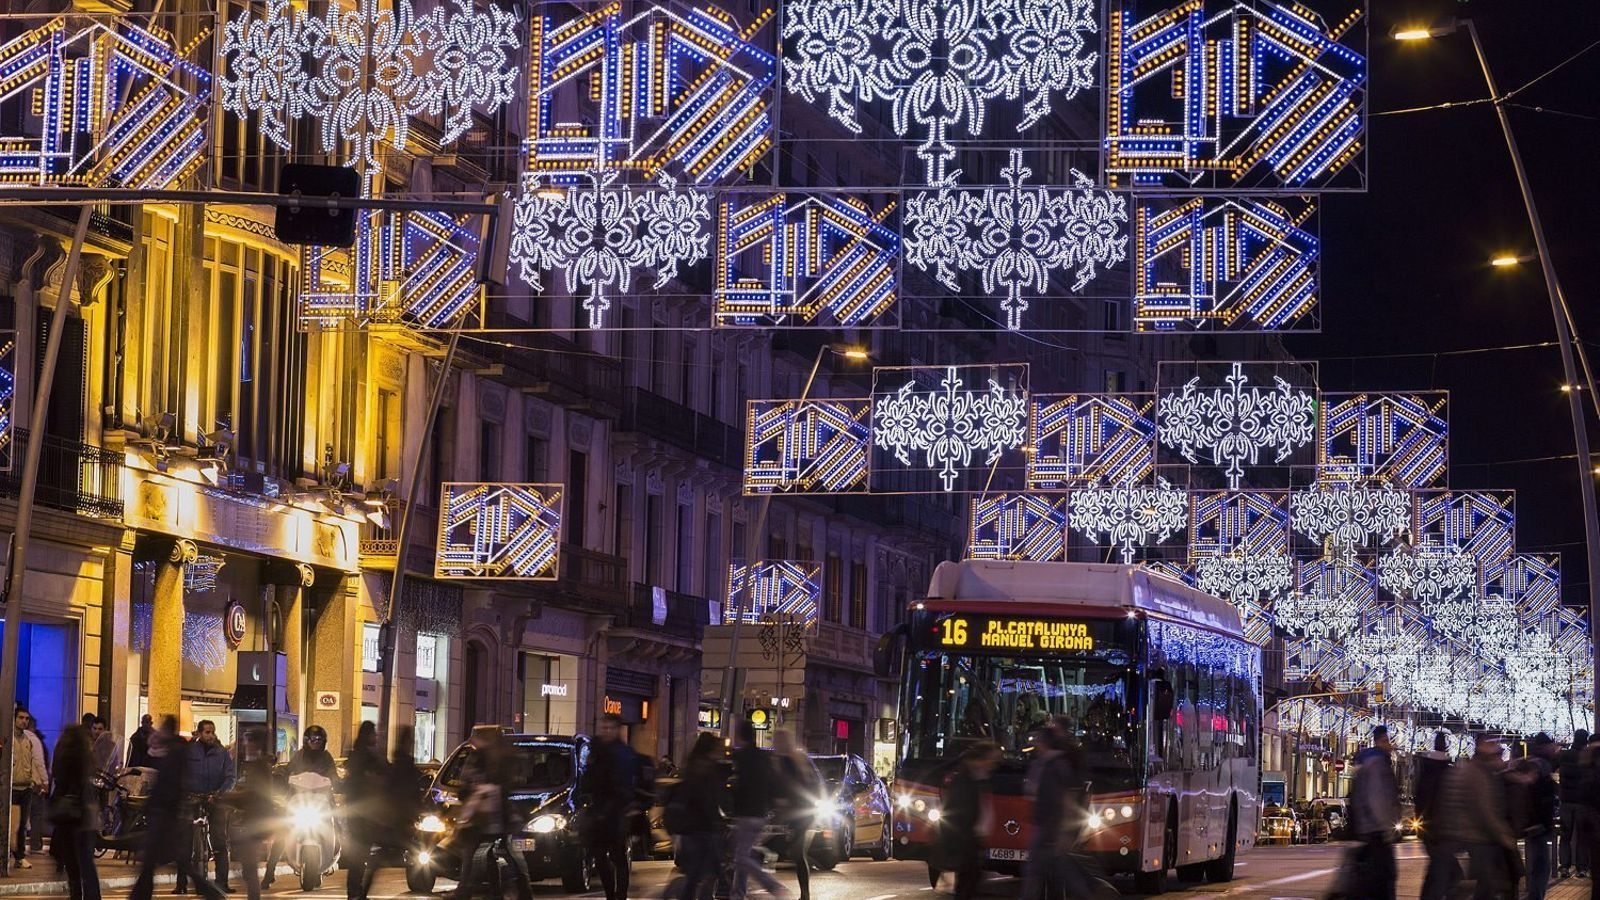 L'any passat Barcelona va encendre els llums de Nadal el 21 de novembre i aquest any ho farà finalment el 27 de novembre / MANOLO GARCÍA